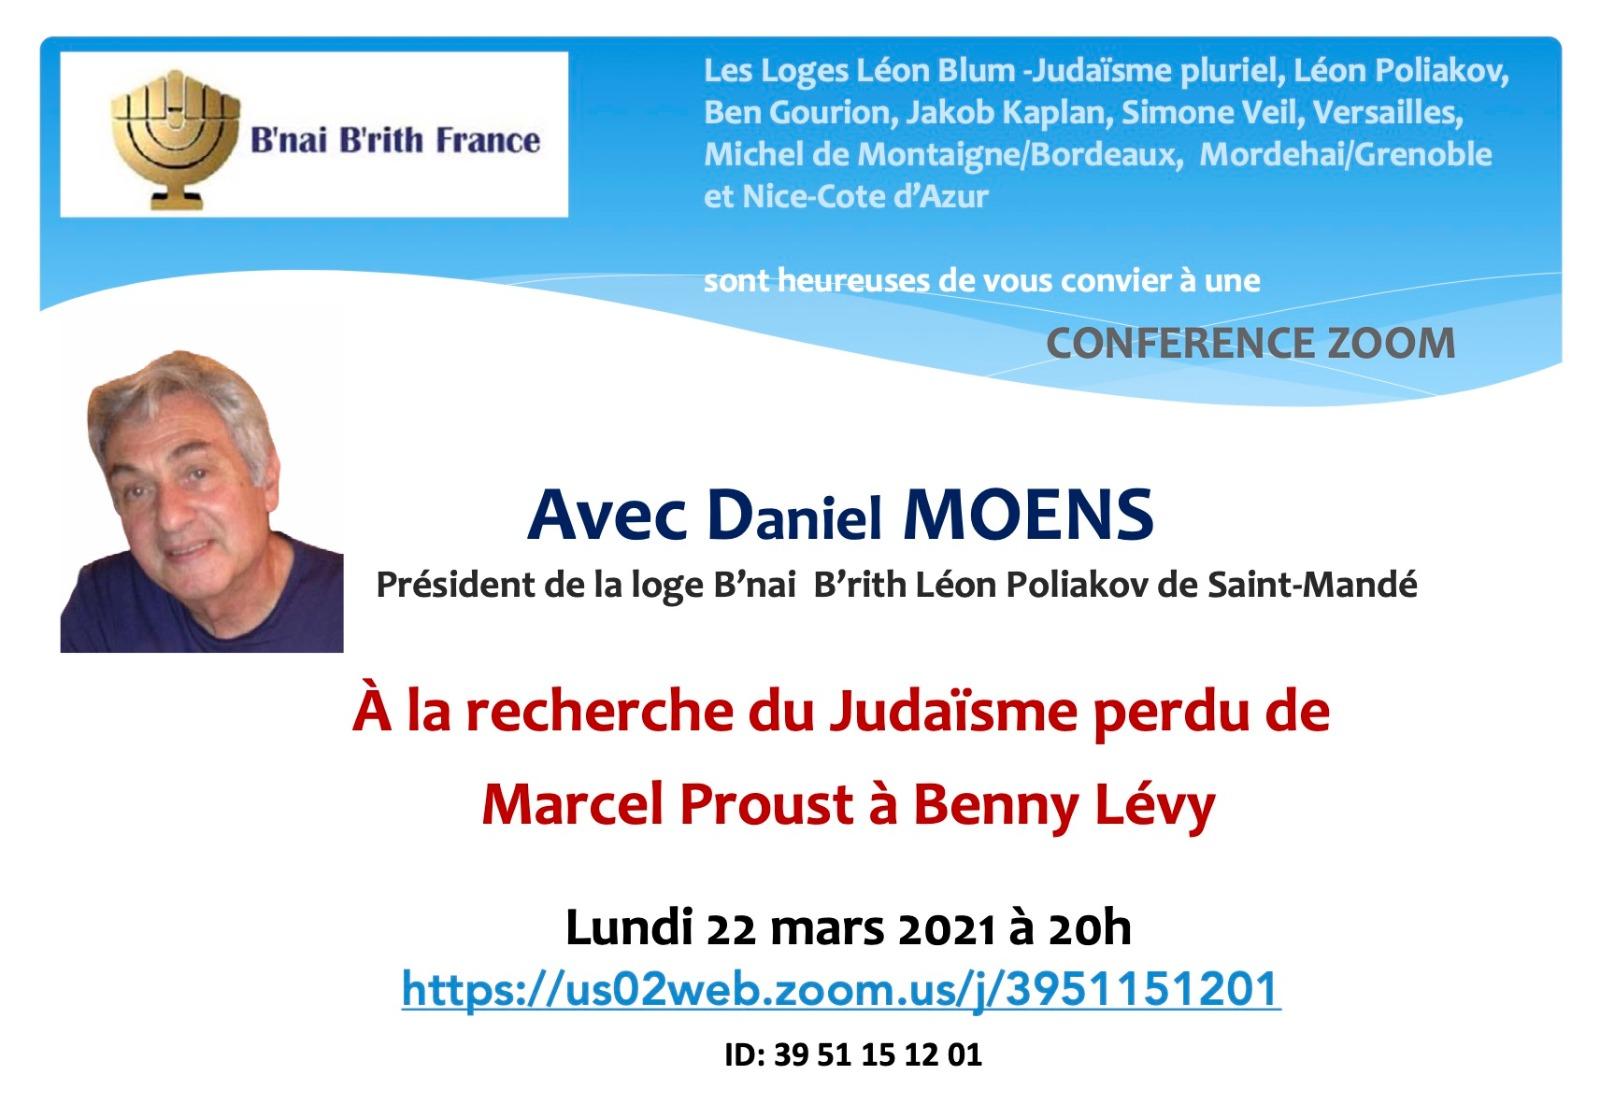 A la recherche du judaisme perdu de Marcel Proust à Benny Levy, avec Daniel Moens